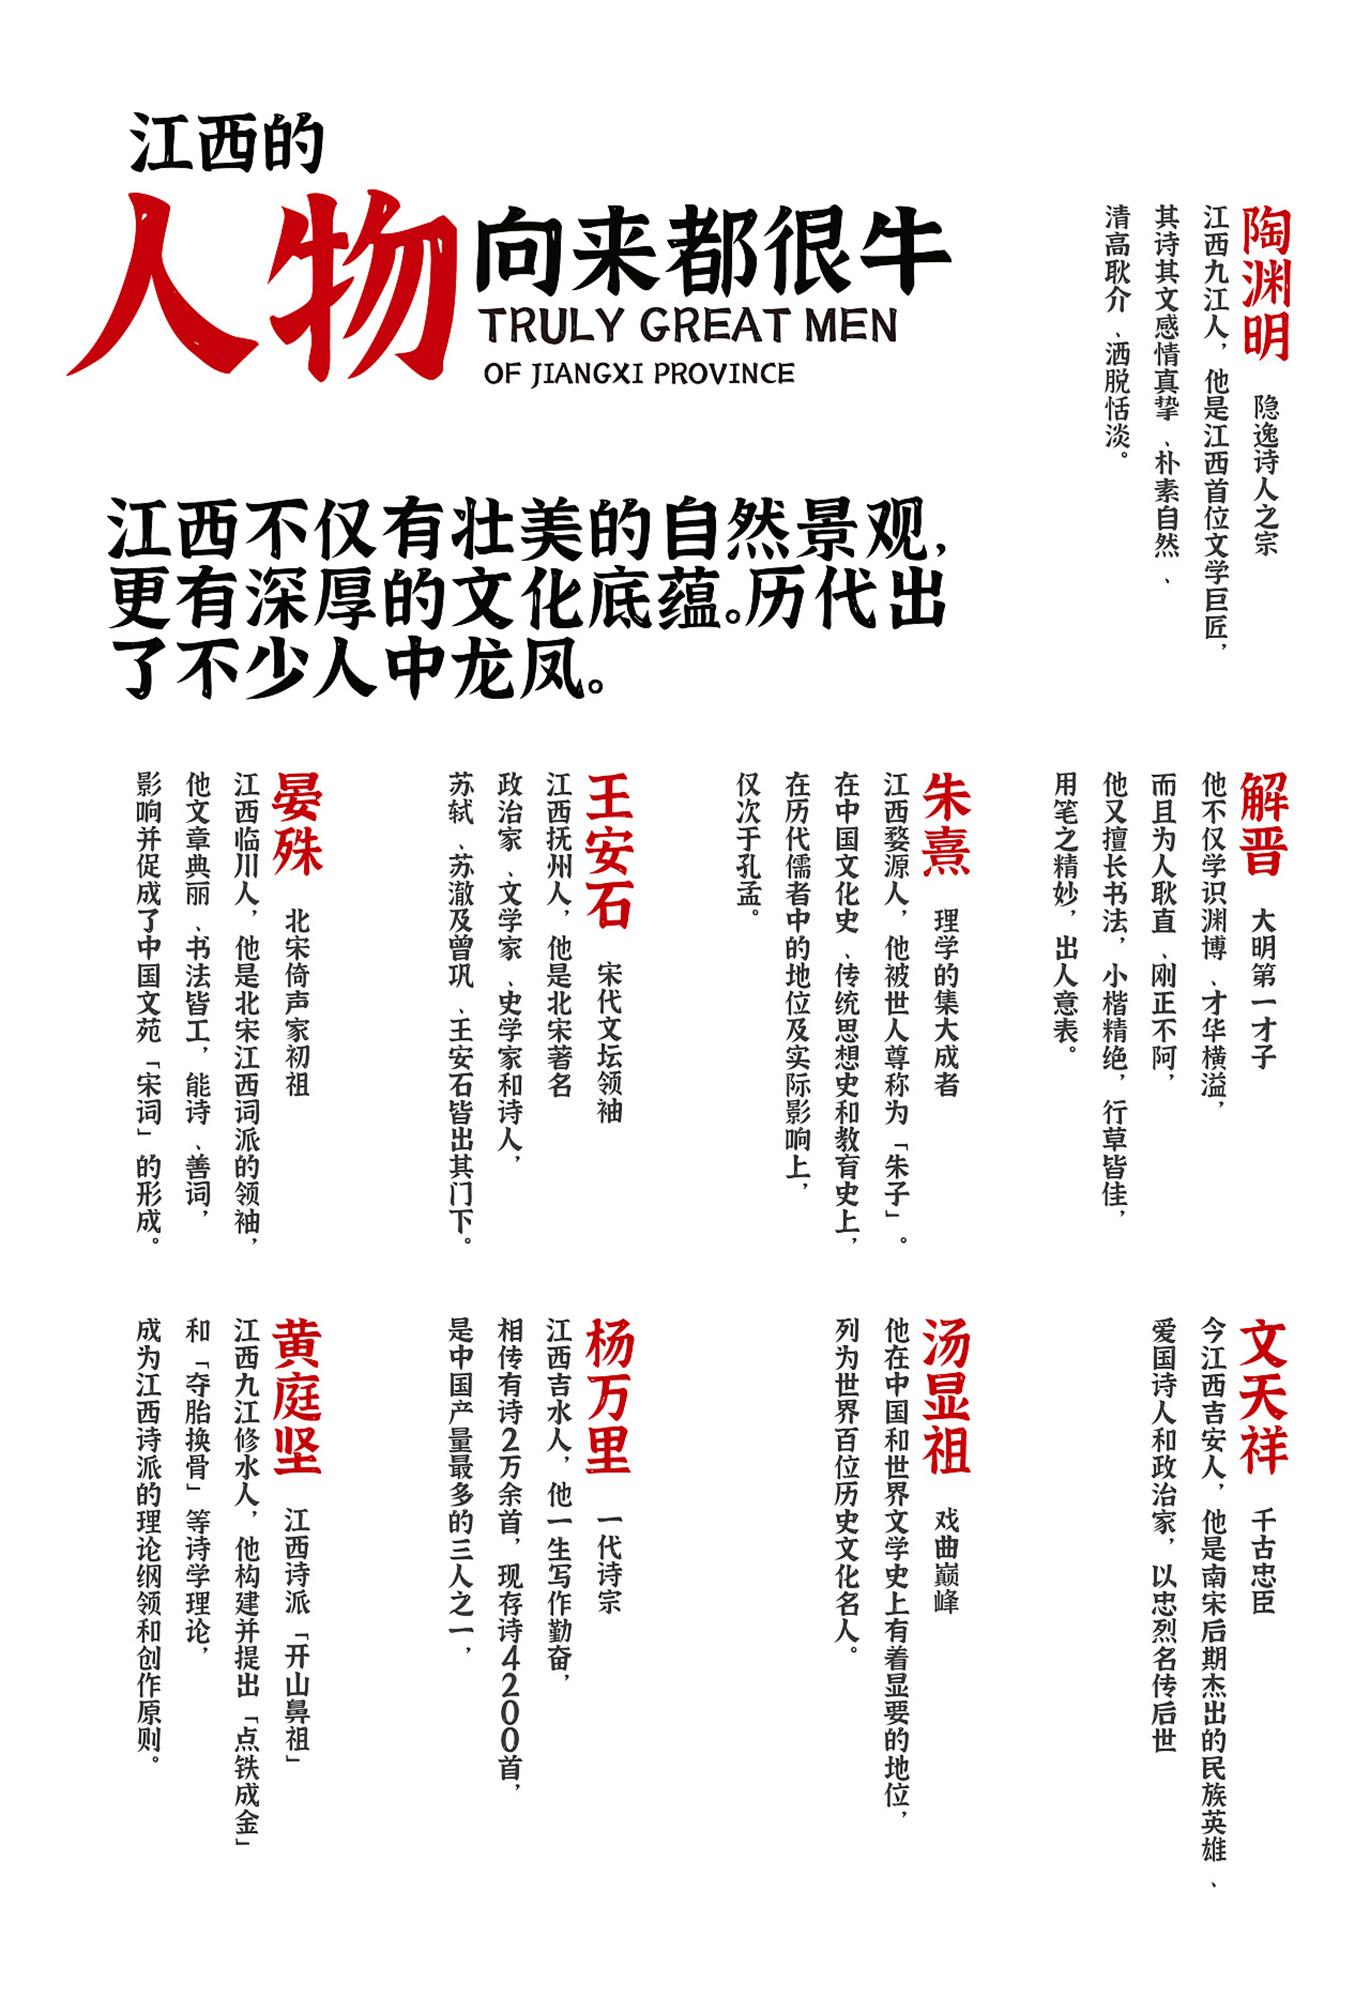 黄煜臣江西拙楷体免费商用附下载方式-深圳VI设计5